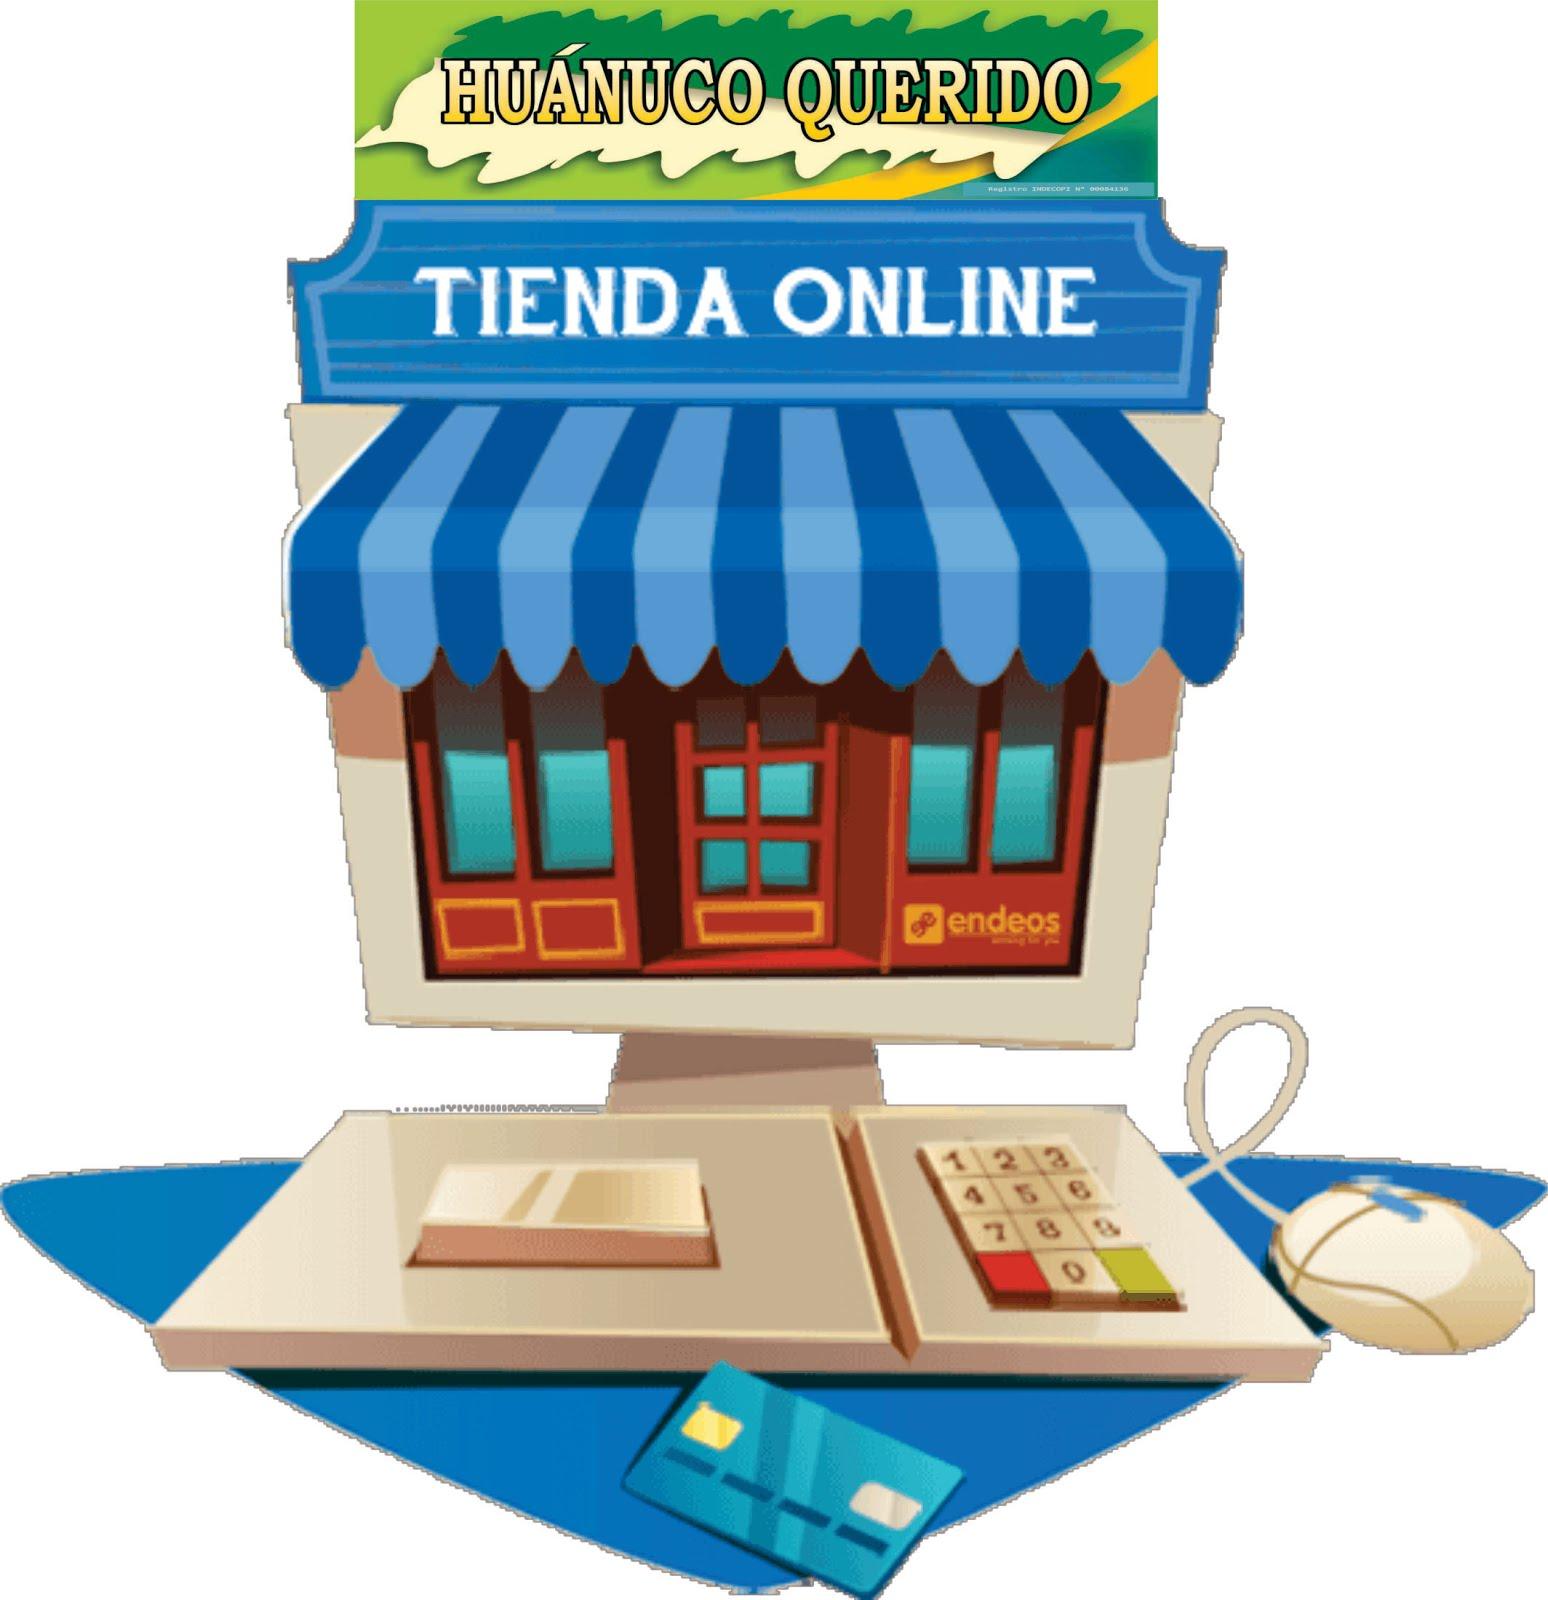 Tienda virtual HUÁNUCO QUERIDO